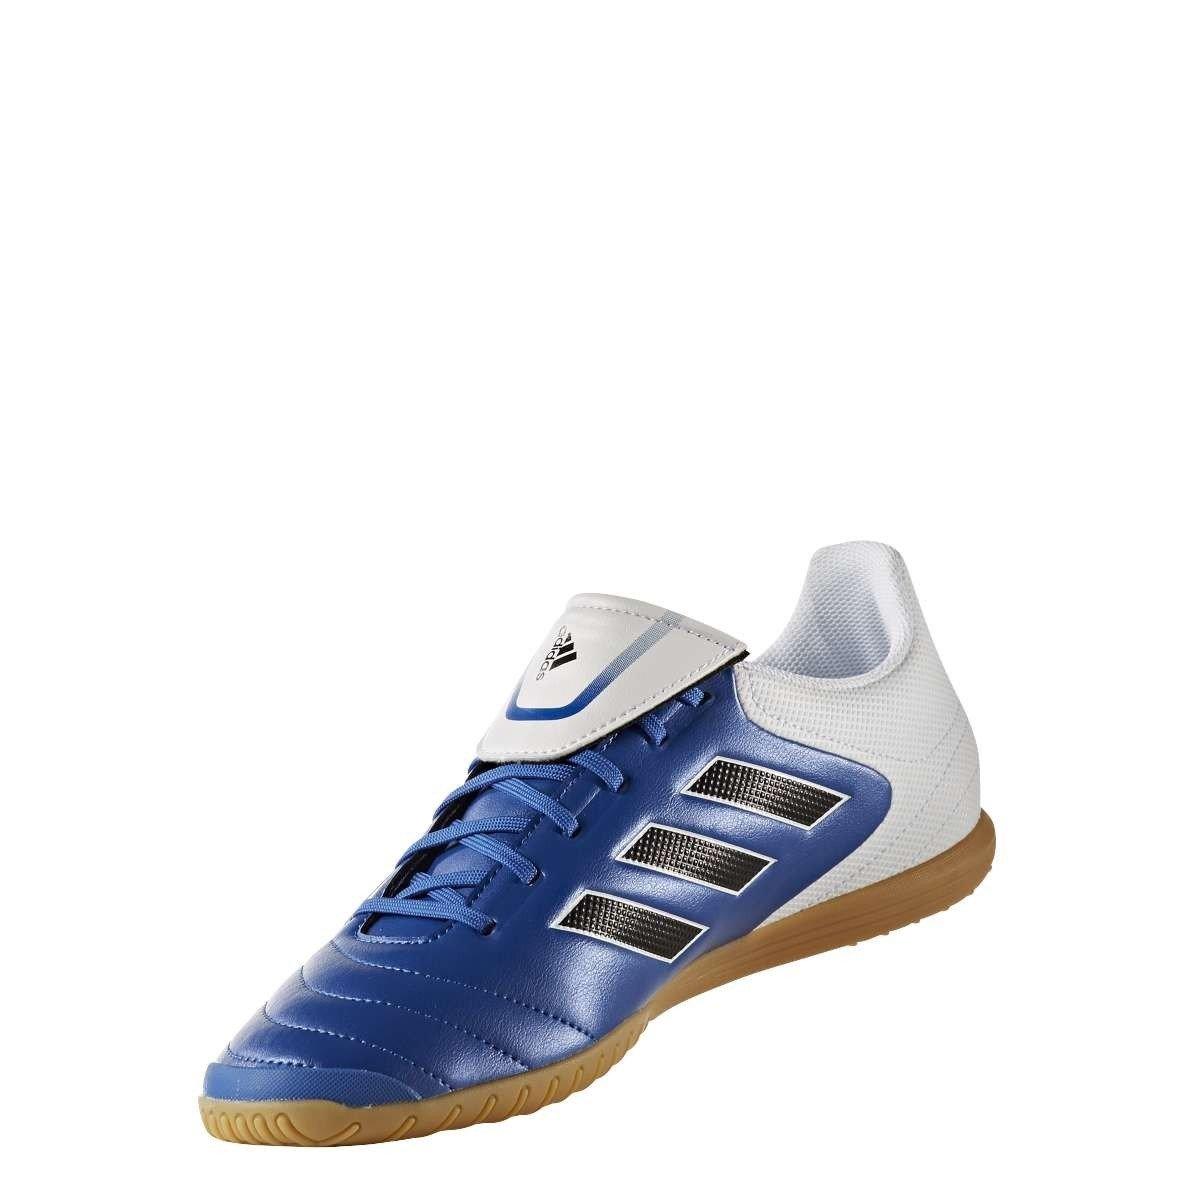 Adidas Herren Copa 17.4 in für Fußballtrainingsschuhe